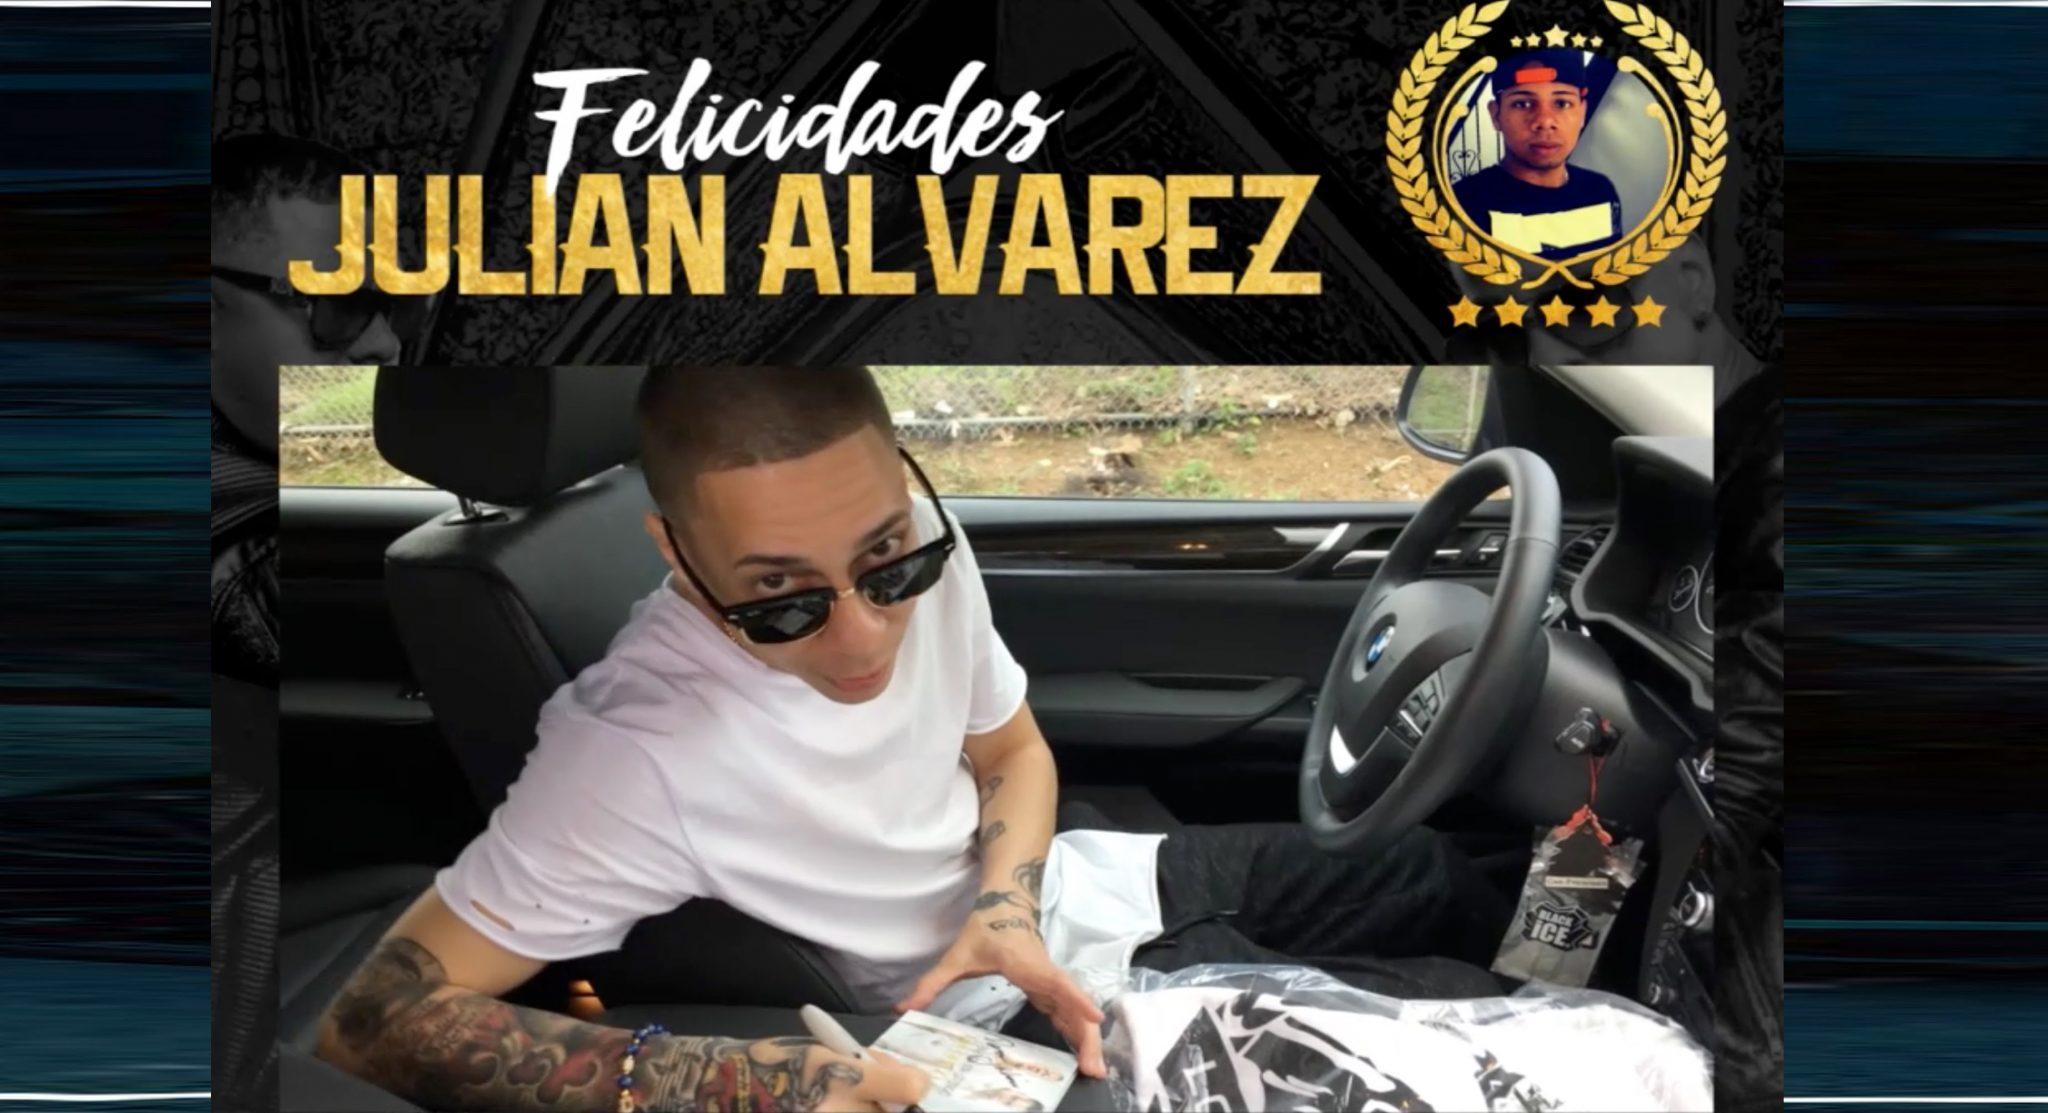 """fan 1 del mes de abril ganador j - Fan #1 del Mes de Abril - Ganador """"Julian Alvarez"""", Baby Rasta y Gringo"""